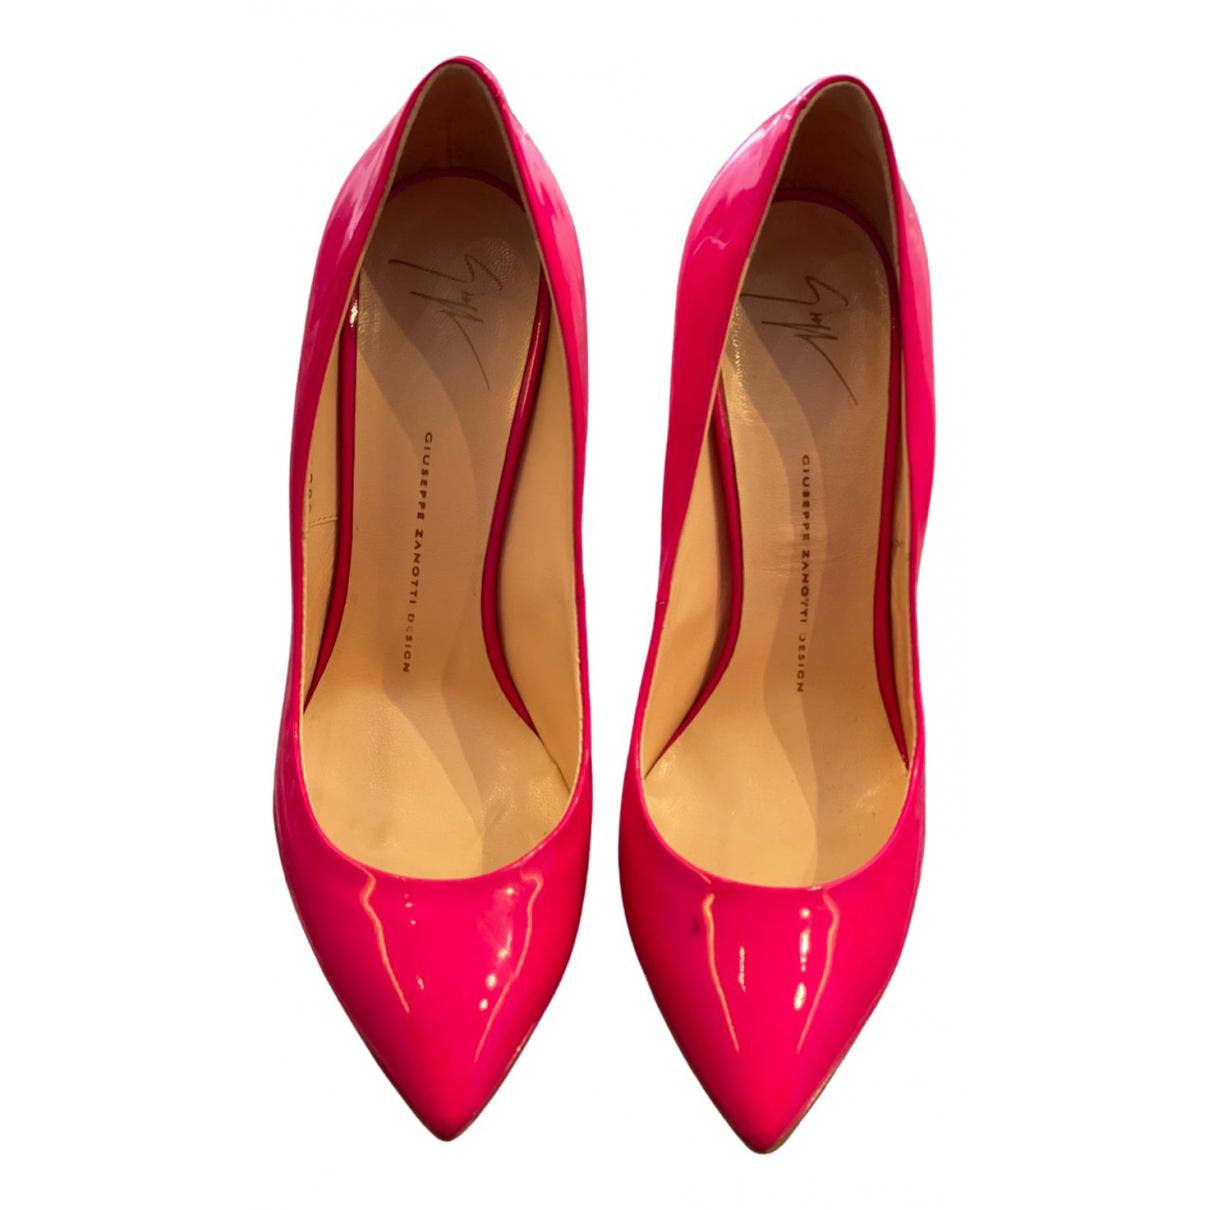 Giuseppe Zanotti - Escarpins   pour femme en cuir verni - rose